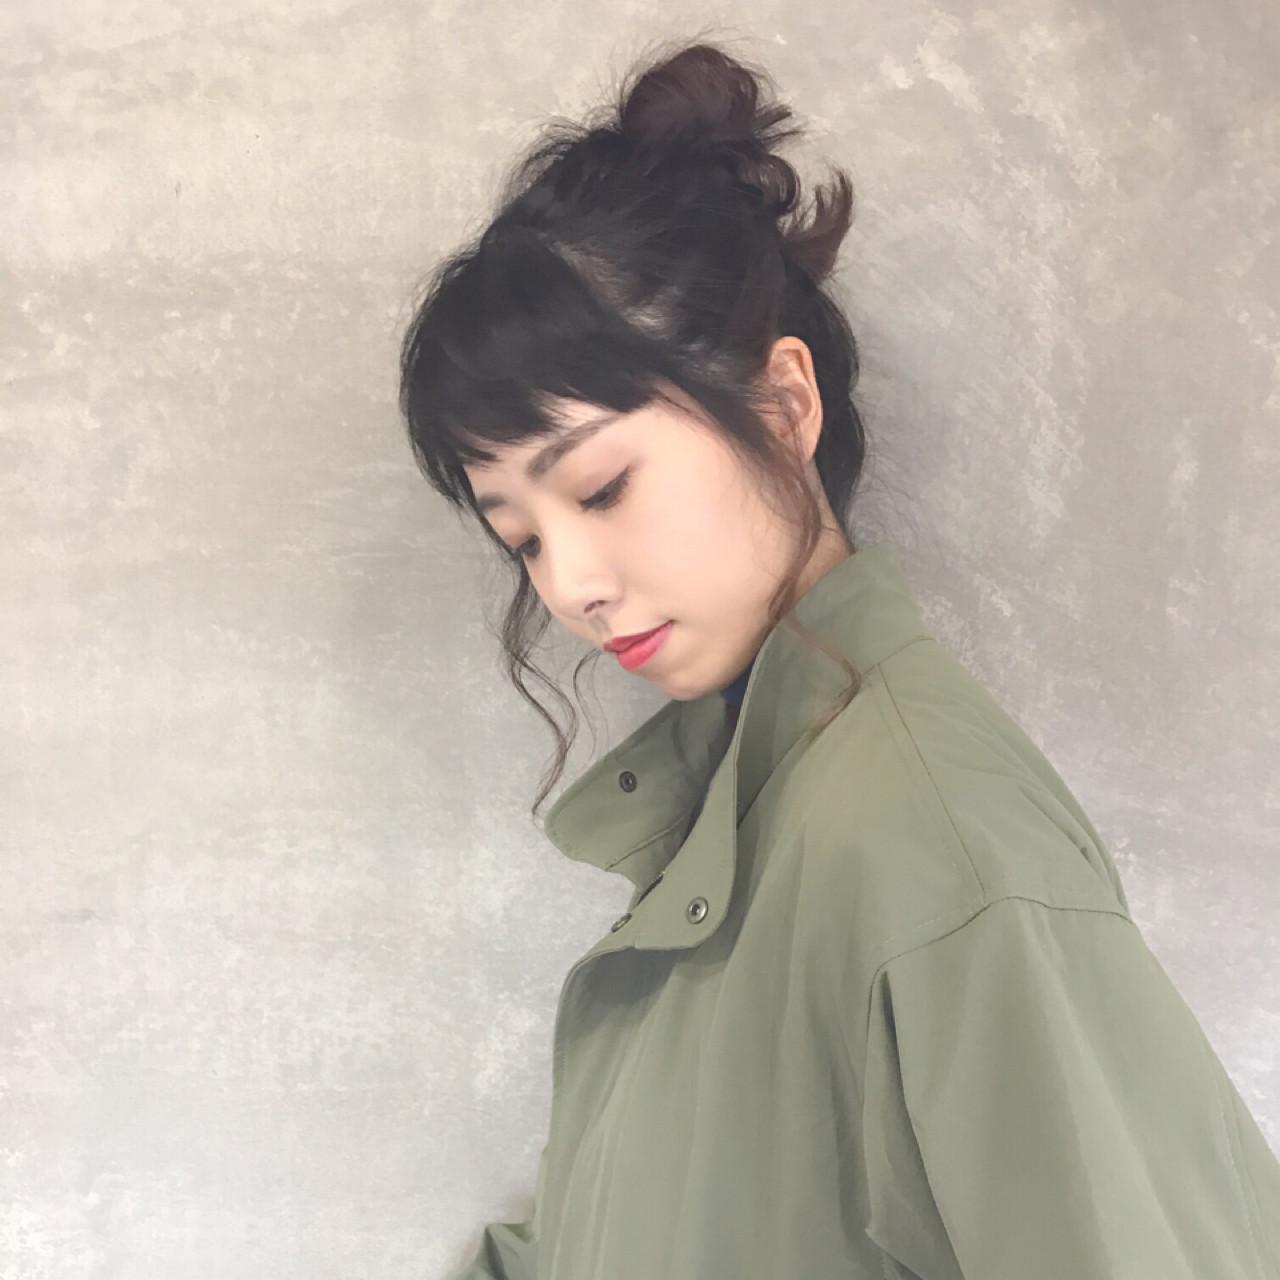 【ロングさん必見】あなた好みの可愛いを♡モテを狙う髪型特集!の9枚目の画像